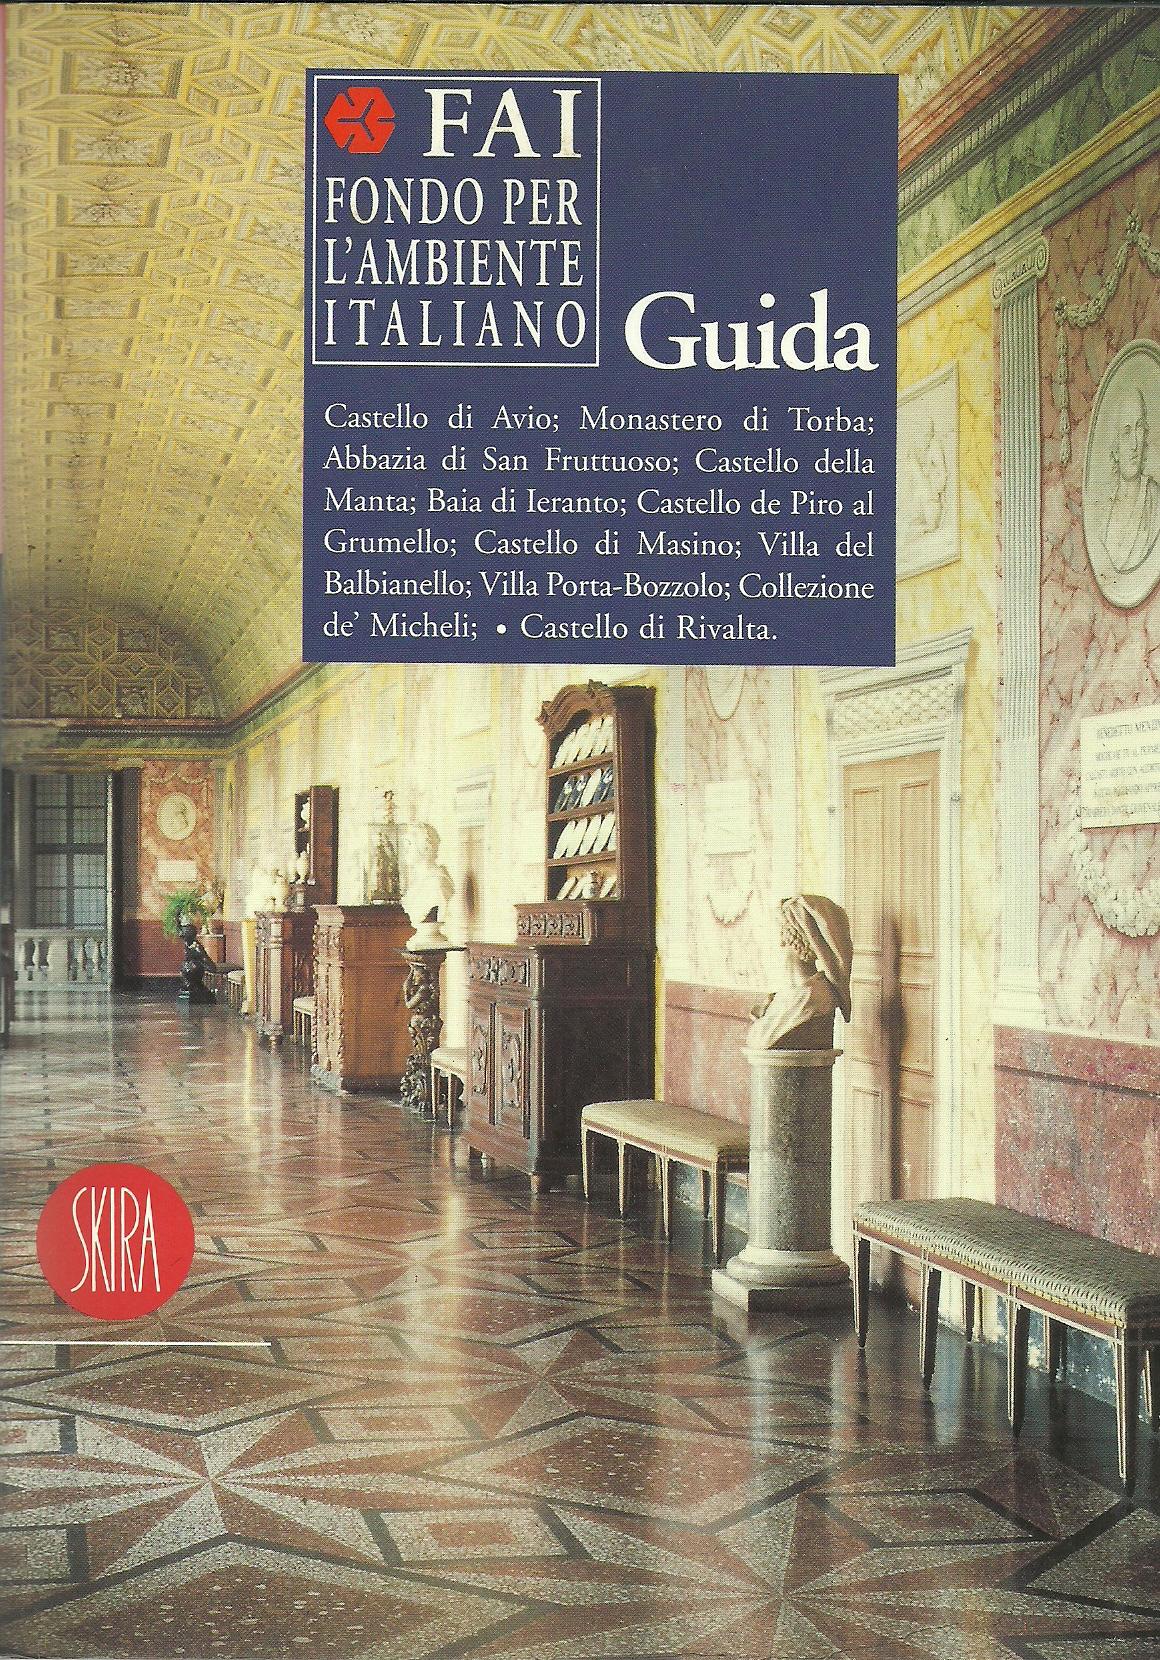 Guida del Fondo per l'ambiente italiano